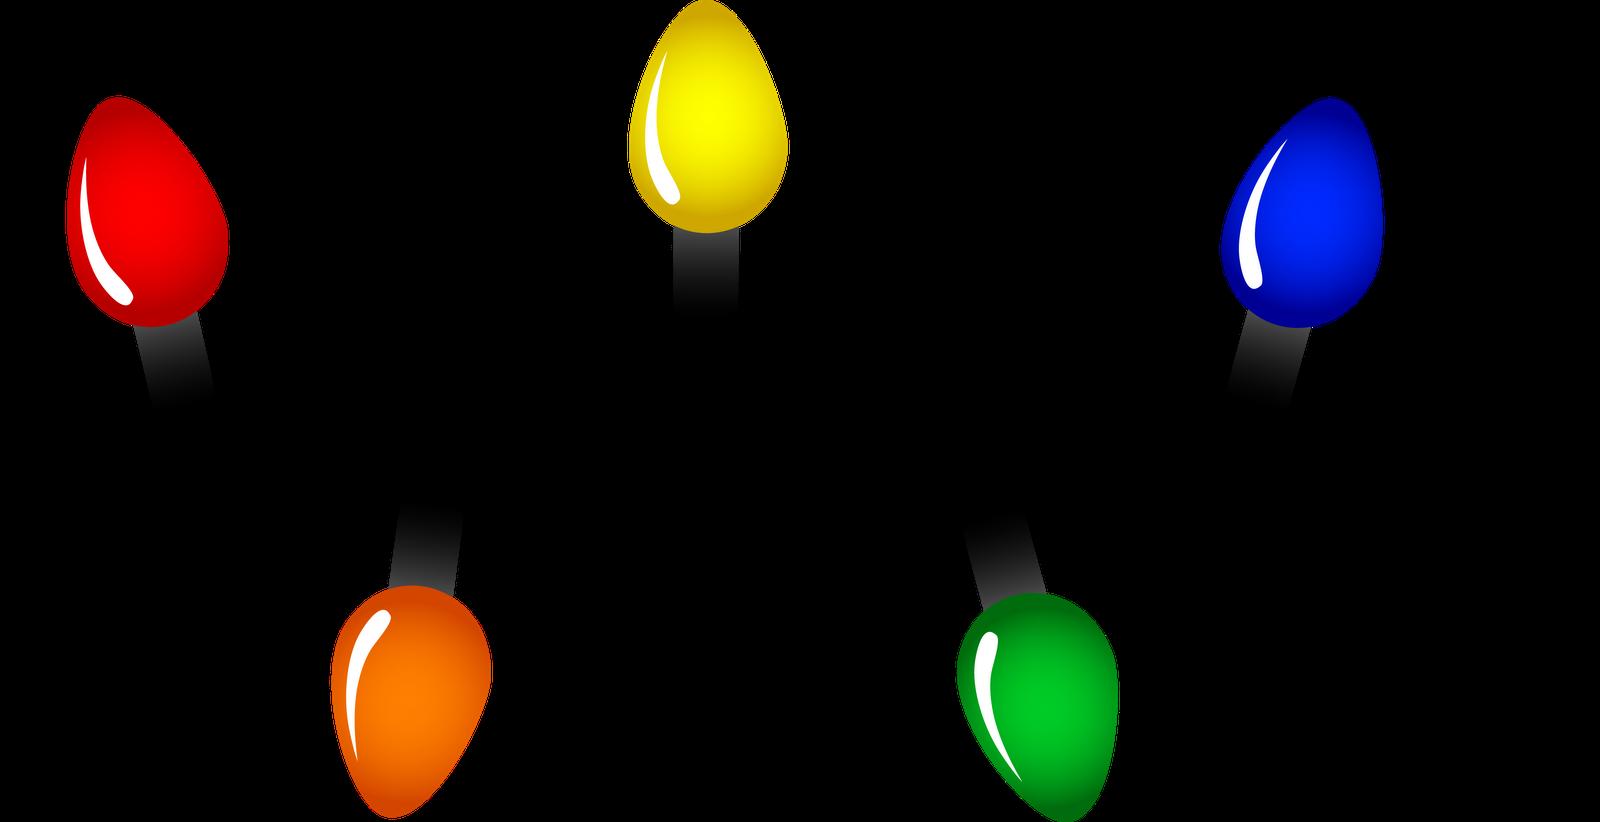 December Holiday Clip Art Christmas Light Clips Christmas Lights Clipart Christmas Clipart Free